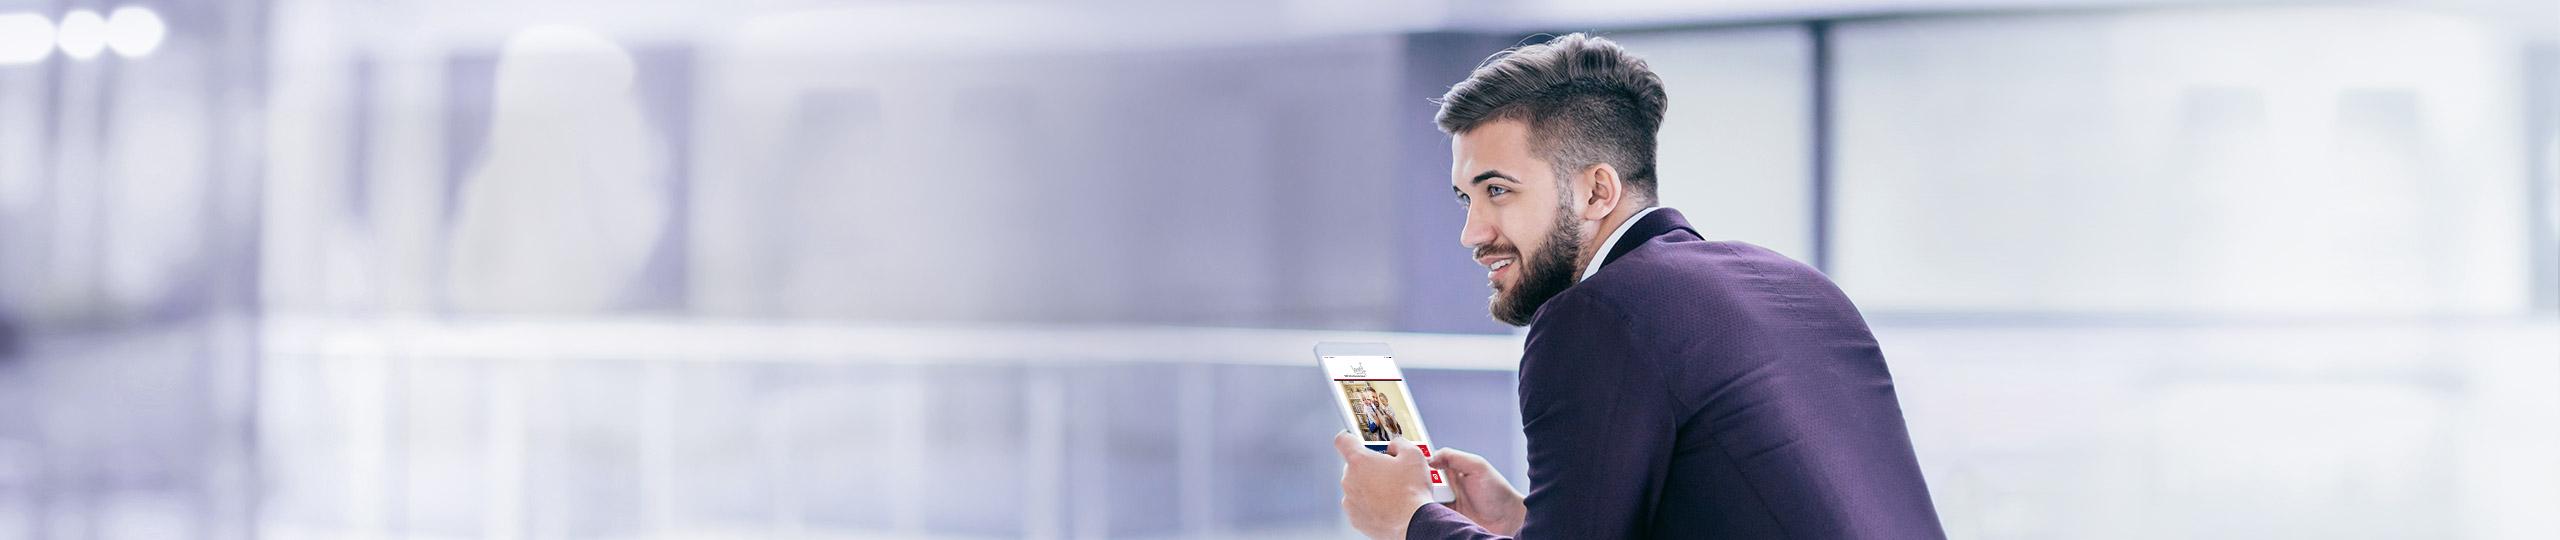 Mann in Anzug und mit Smartphone in der Hand